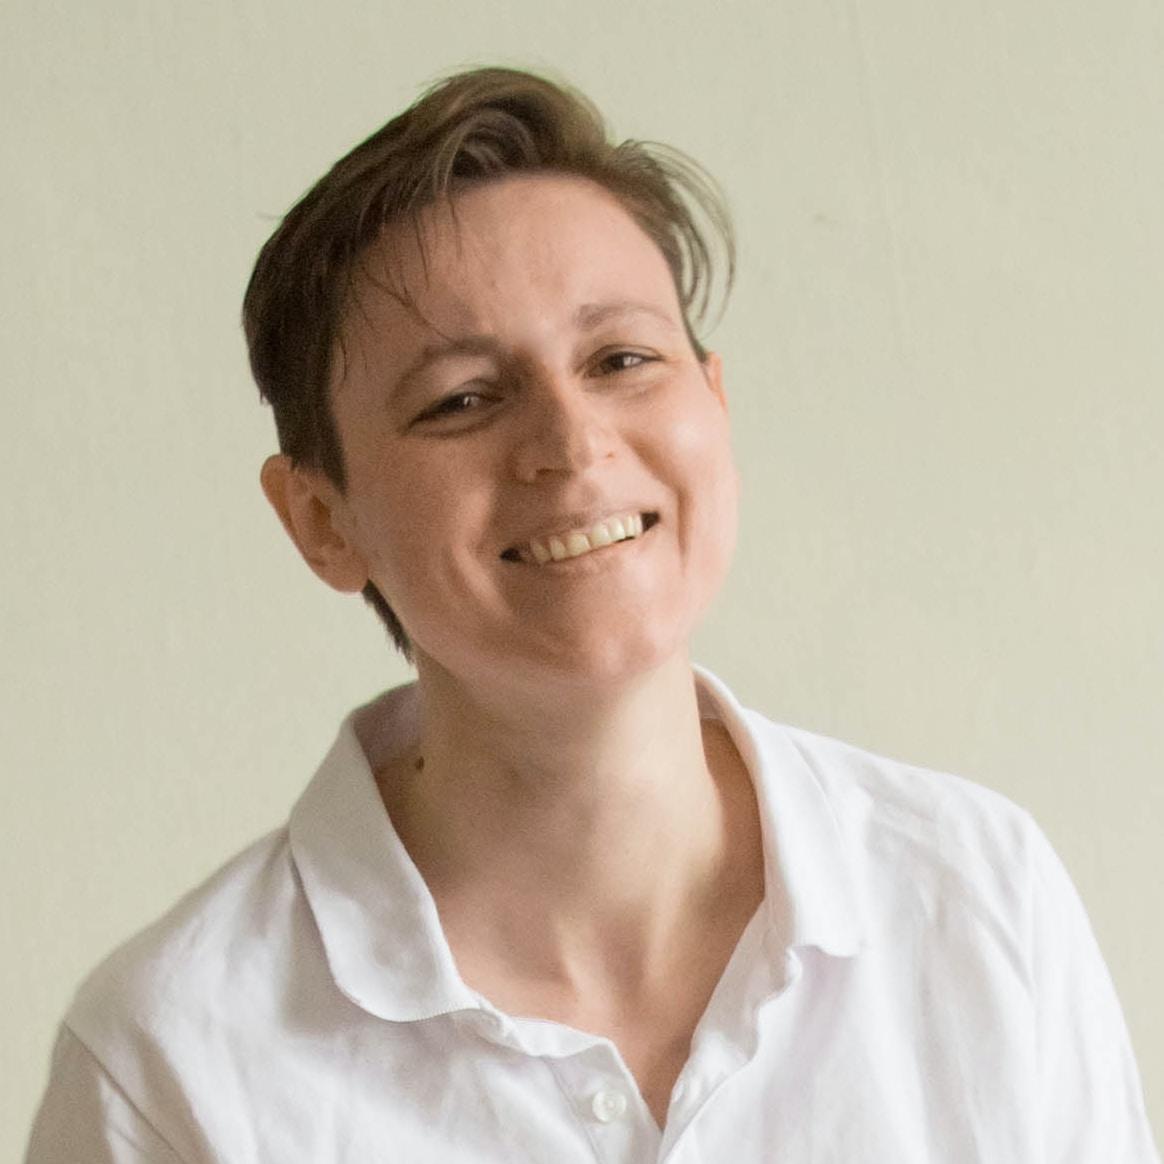 Go to Alla Biriuchkova's profile